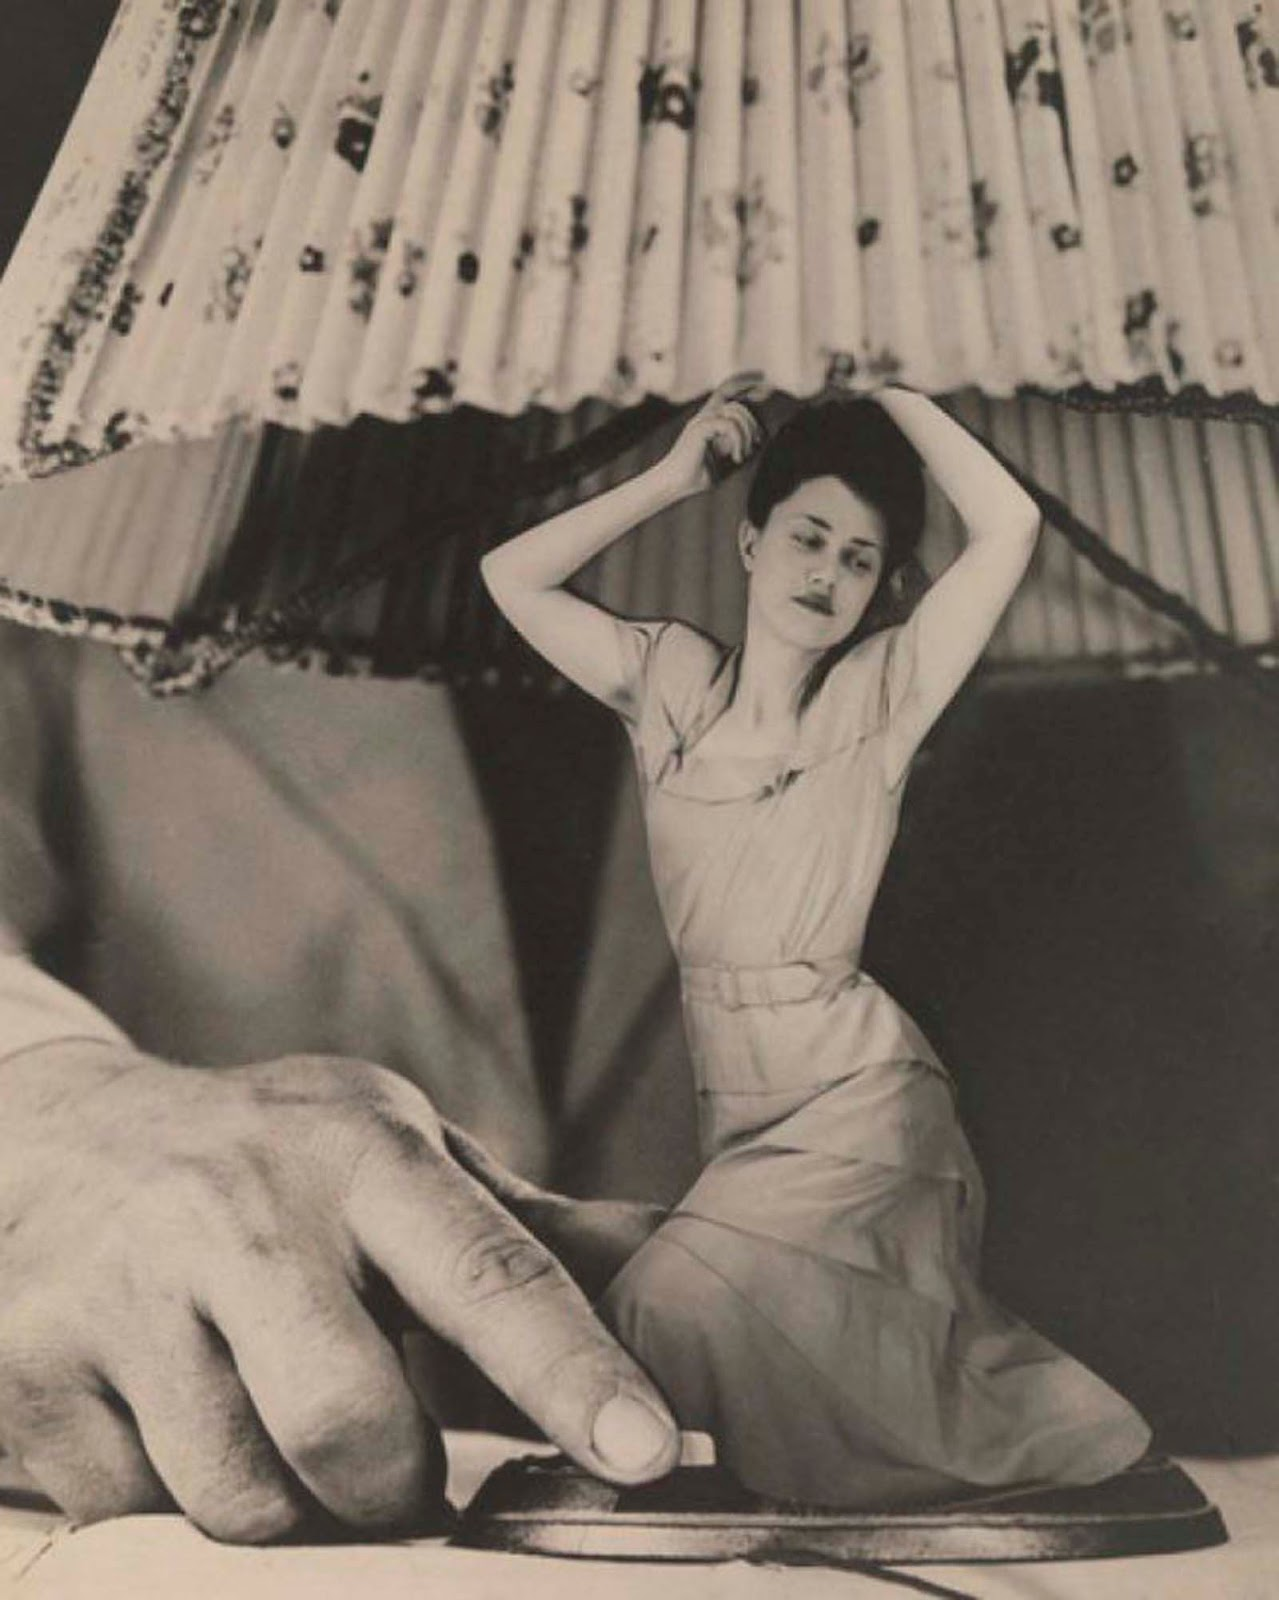 Cómo la gente manipulaba las fotos antes de Photoshop, 1850-1950